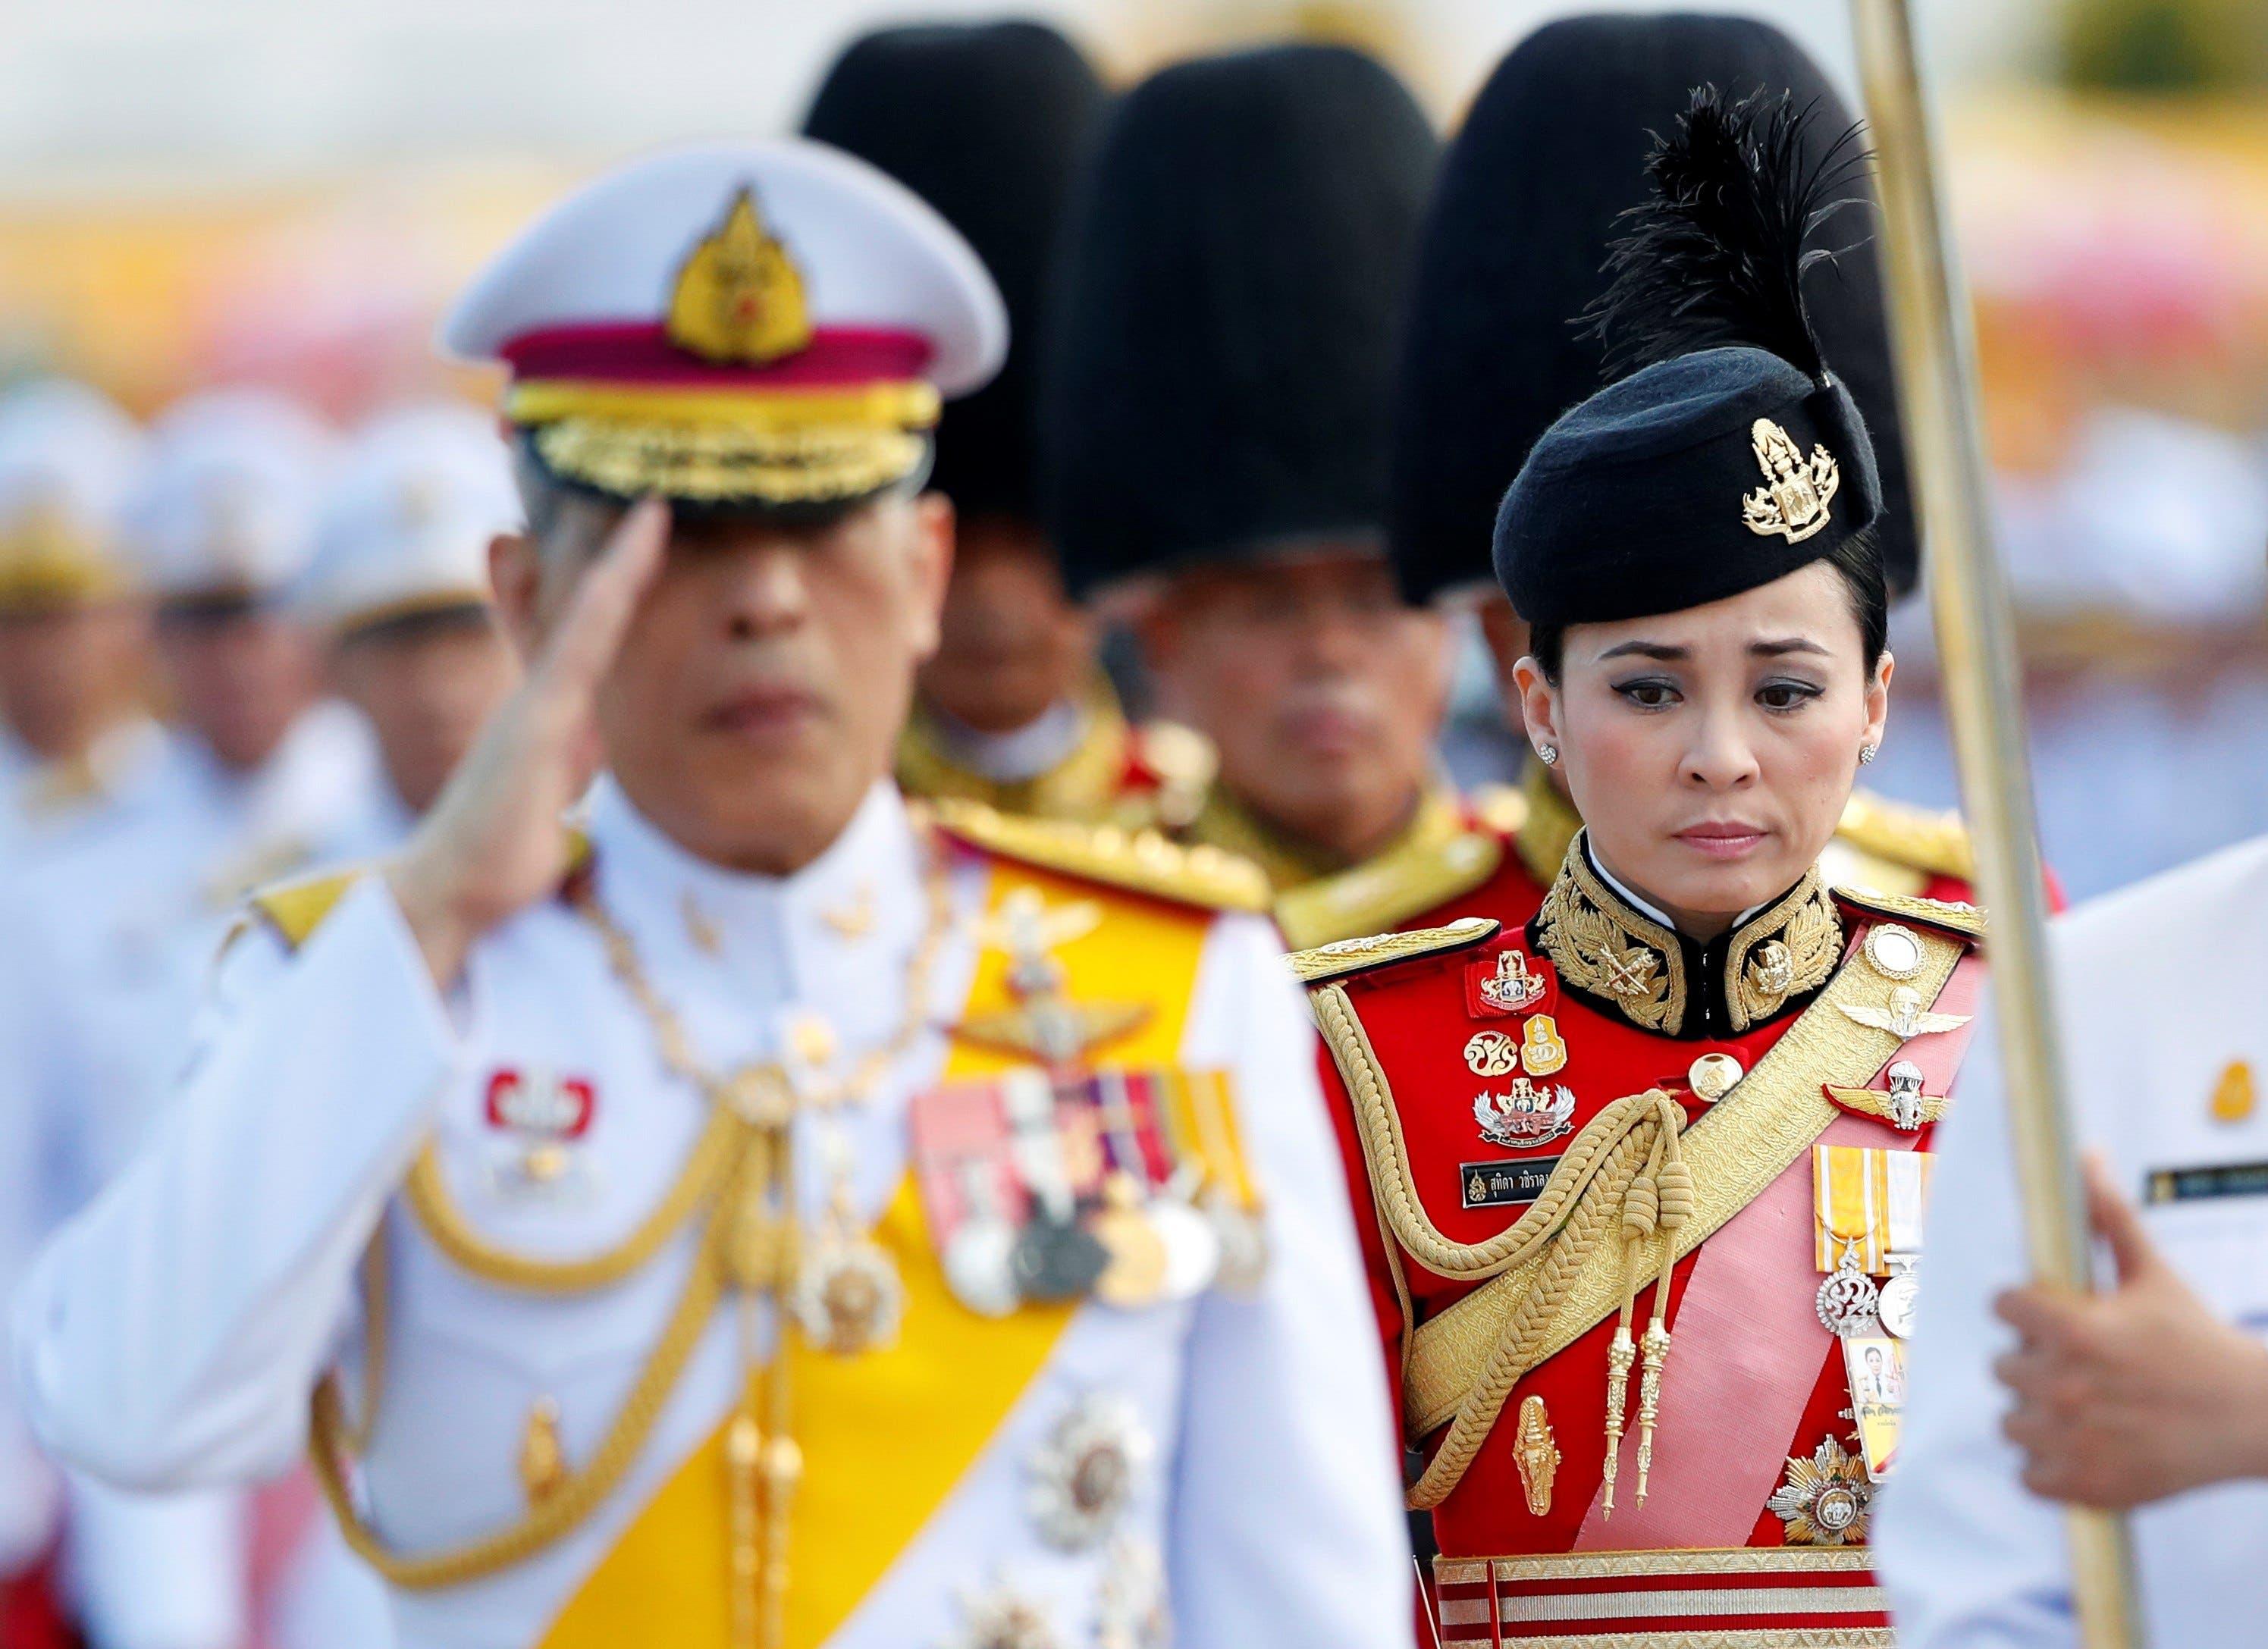 Conozca la historia de la «guardaespaldas» que acaba de convertirse en la reina de Tailandia